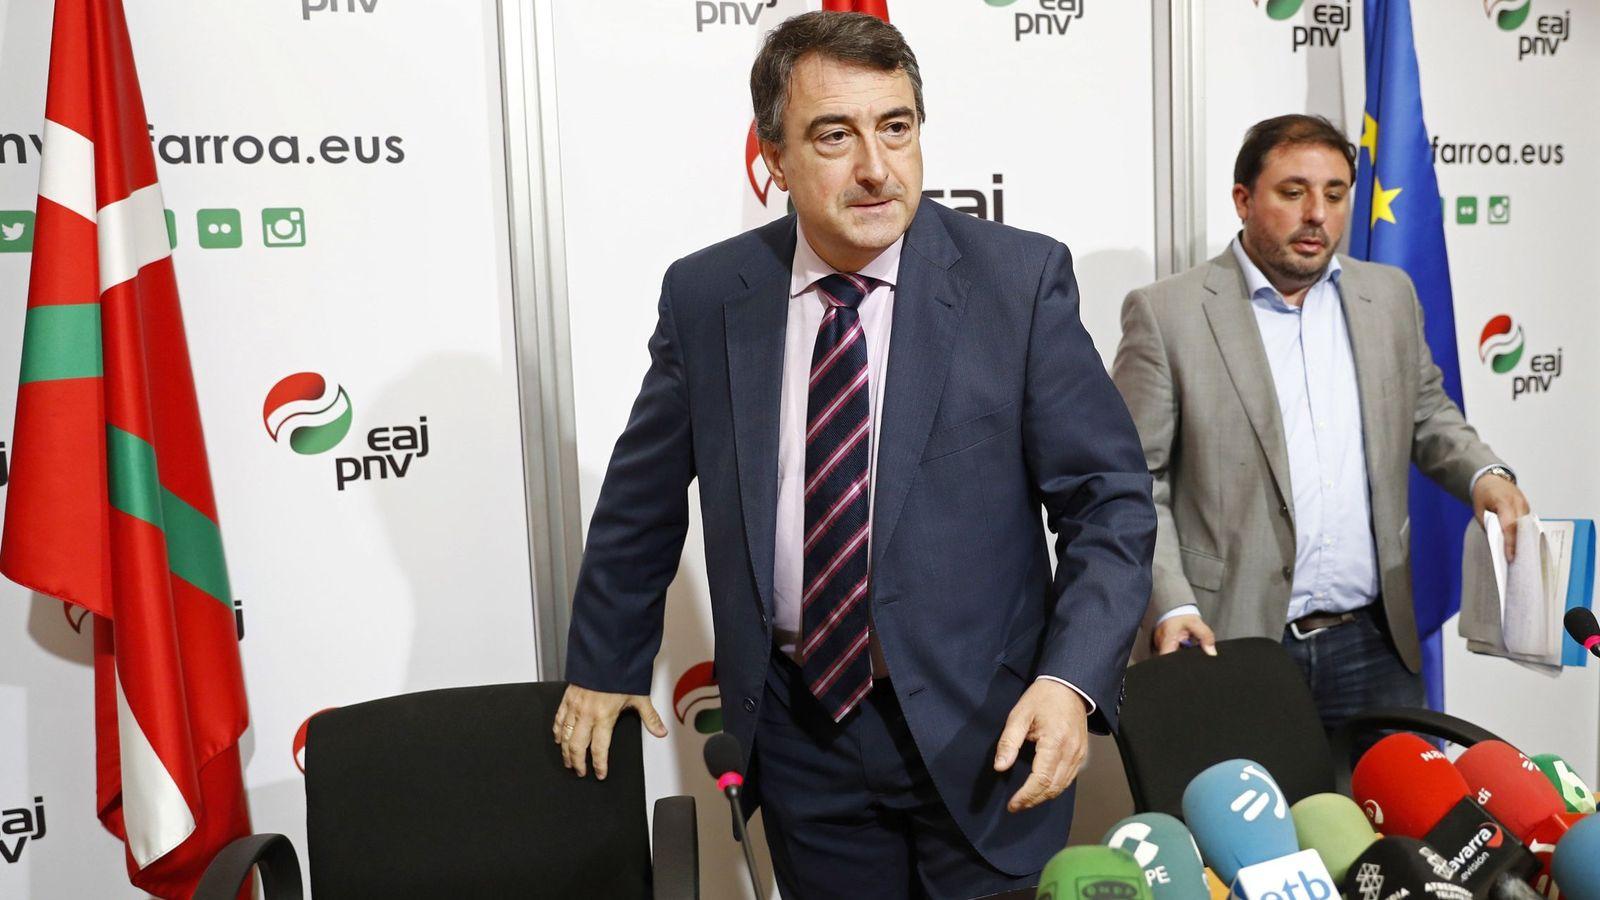 Foto: El portavoz del Grupo Vasco en el Congreso, Aitor Esteban, durante una rueda de prensa en Pamplona. (EFE)